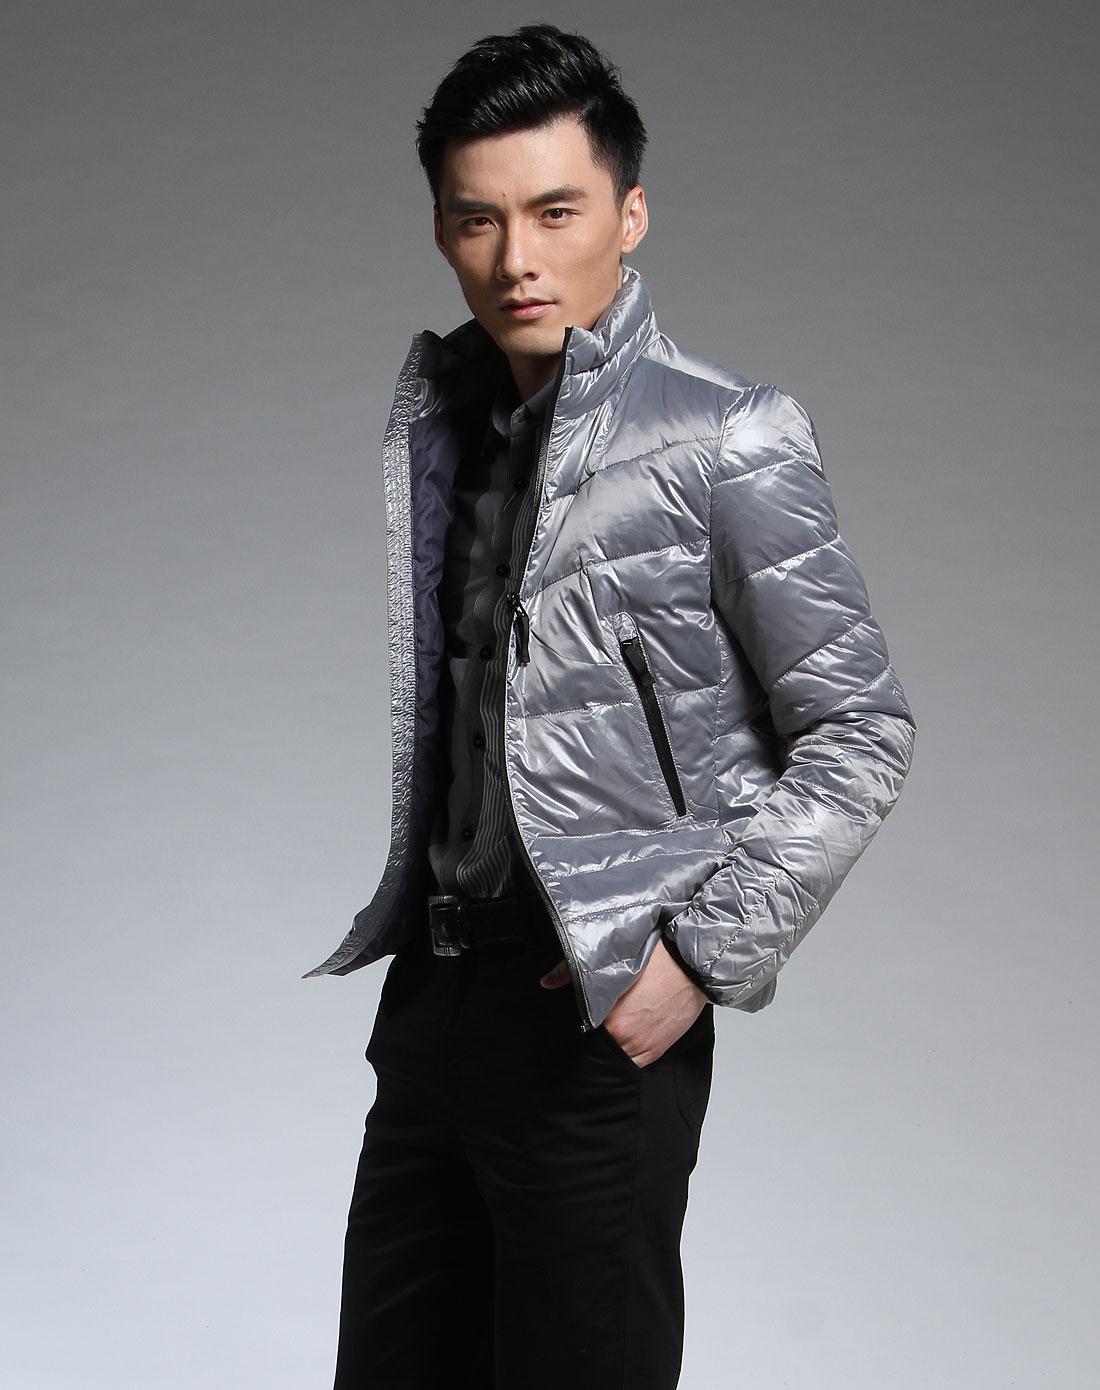 男款银灰色长袖豆渣羽绒服膨化时尚图片